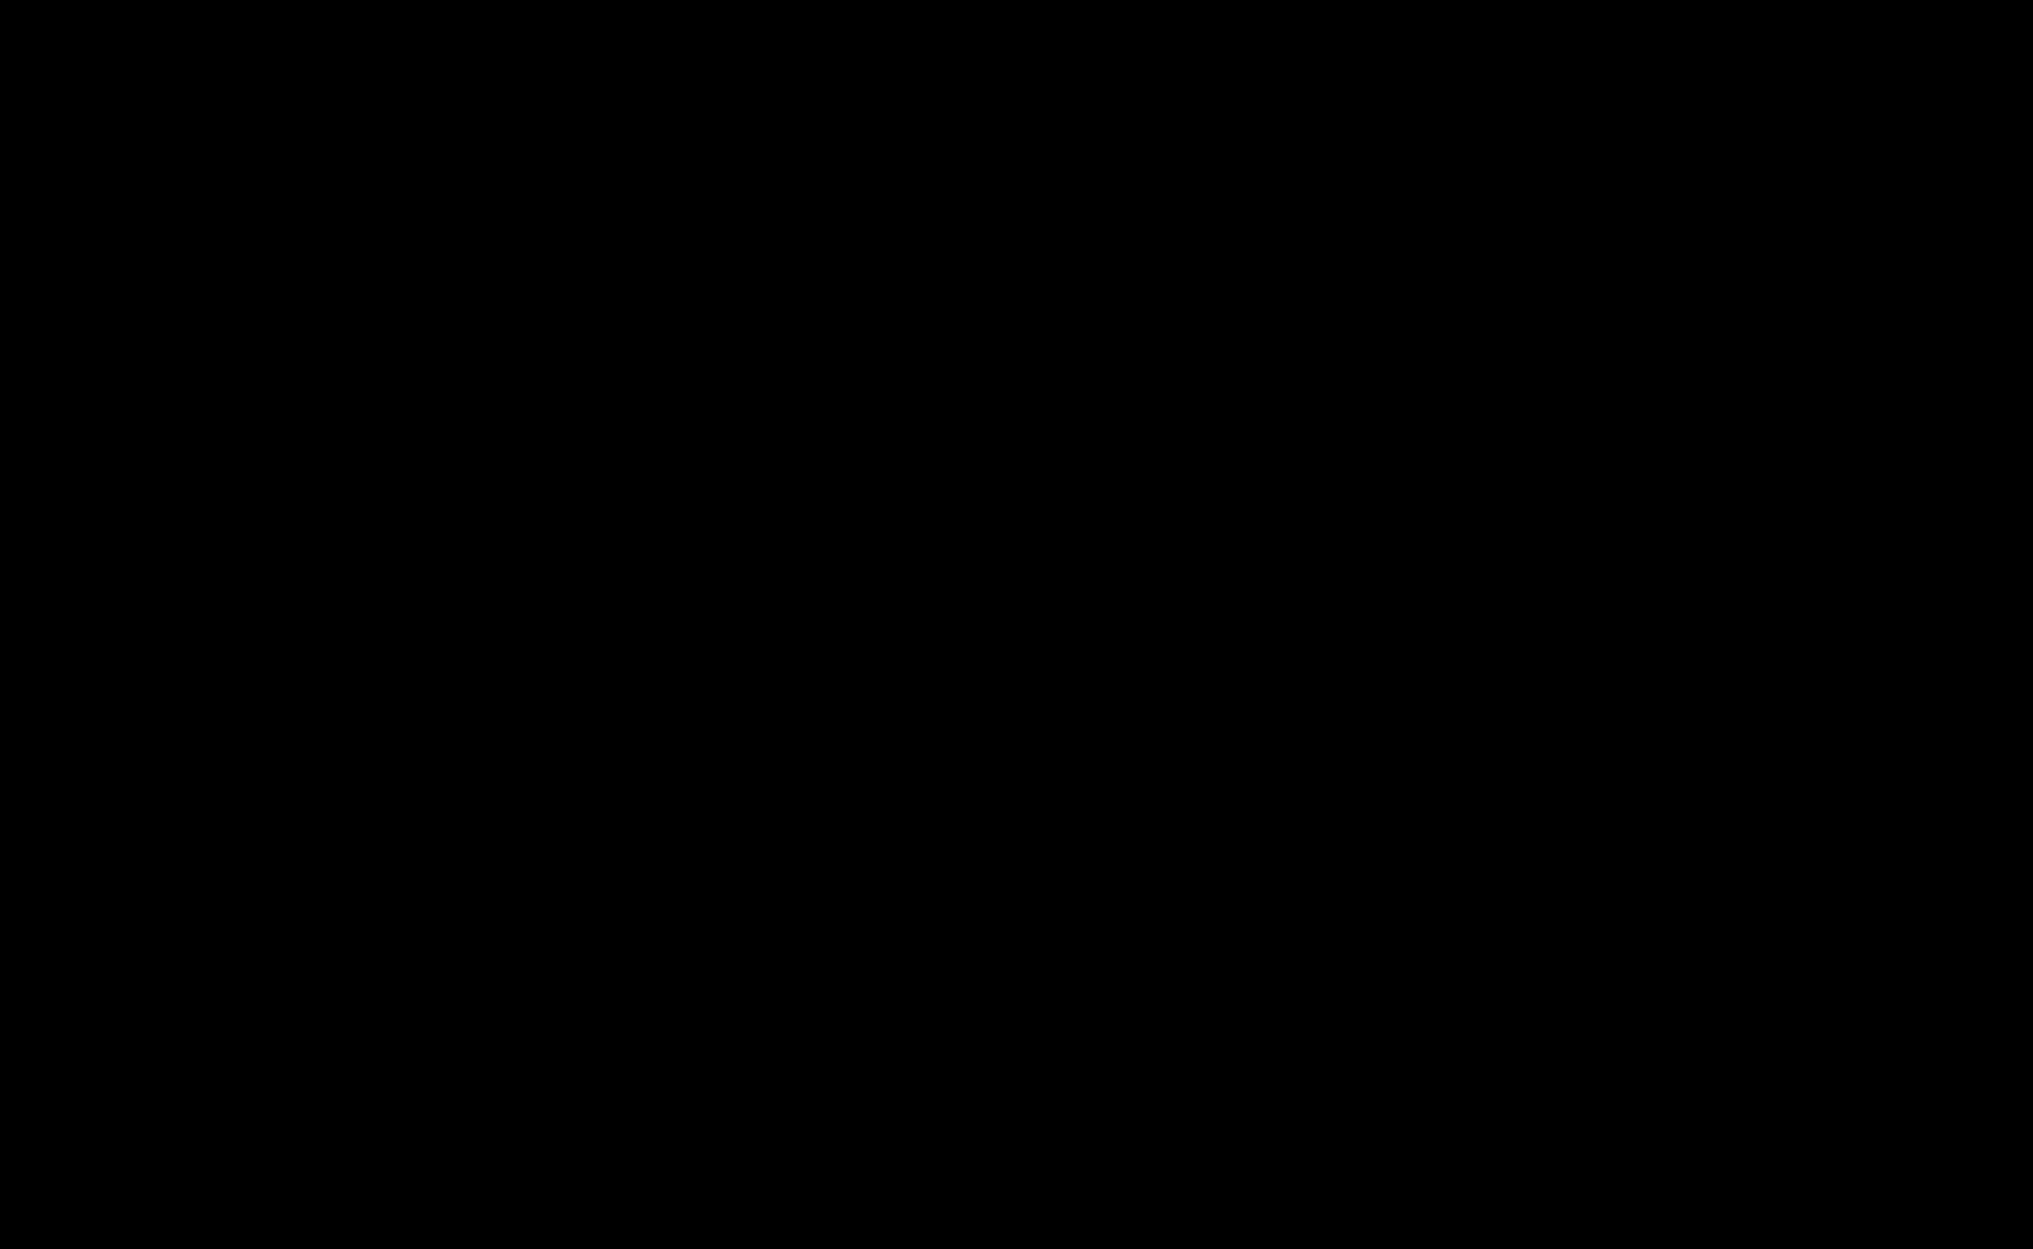 Tjörnin tilnefnd til Íslensku menntaverðlaunanna 2021